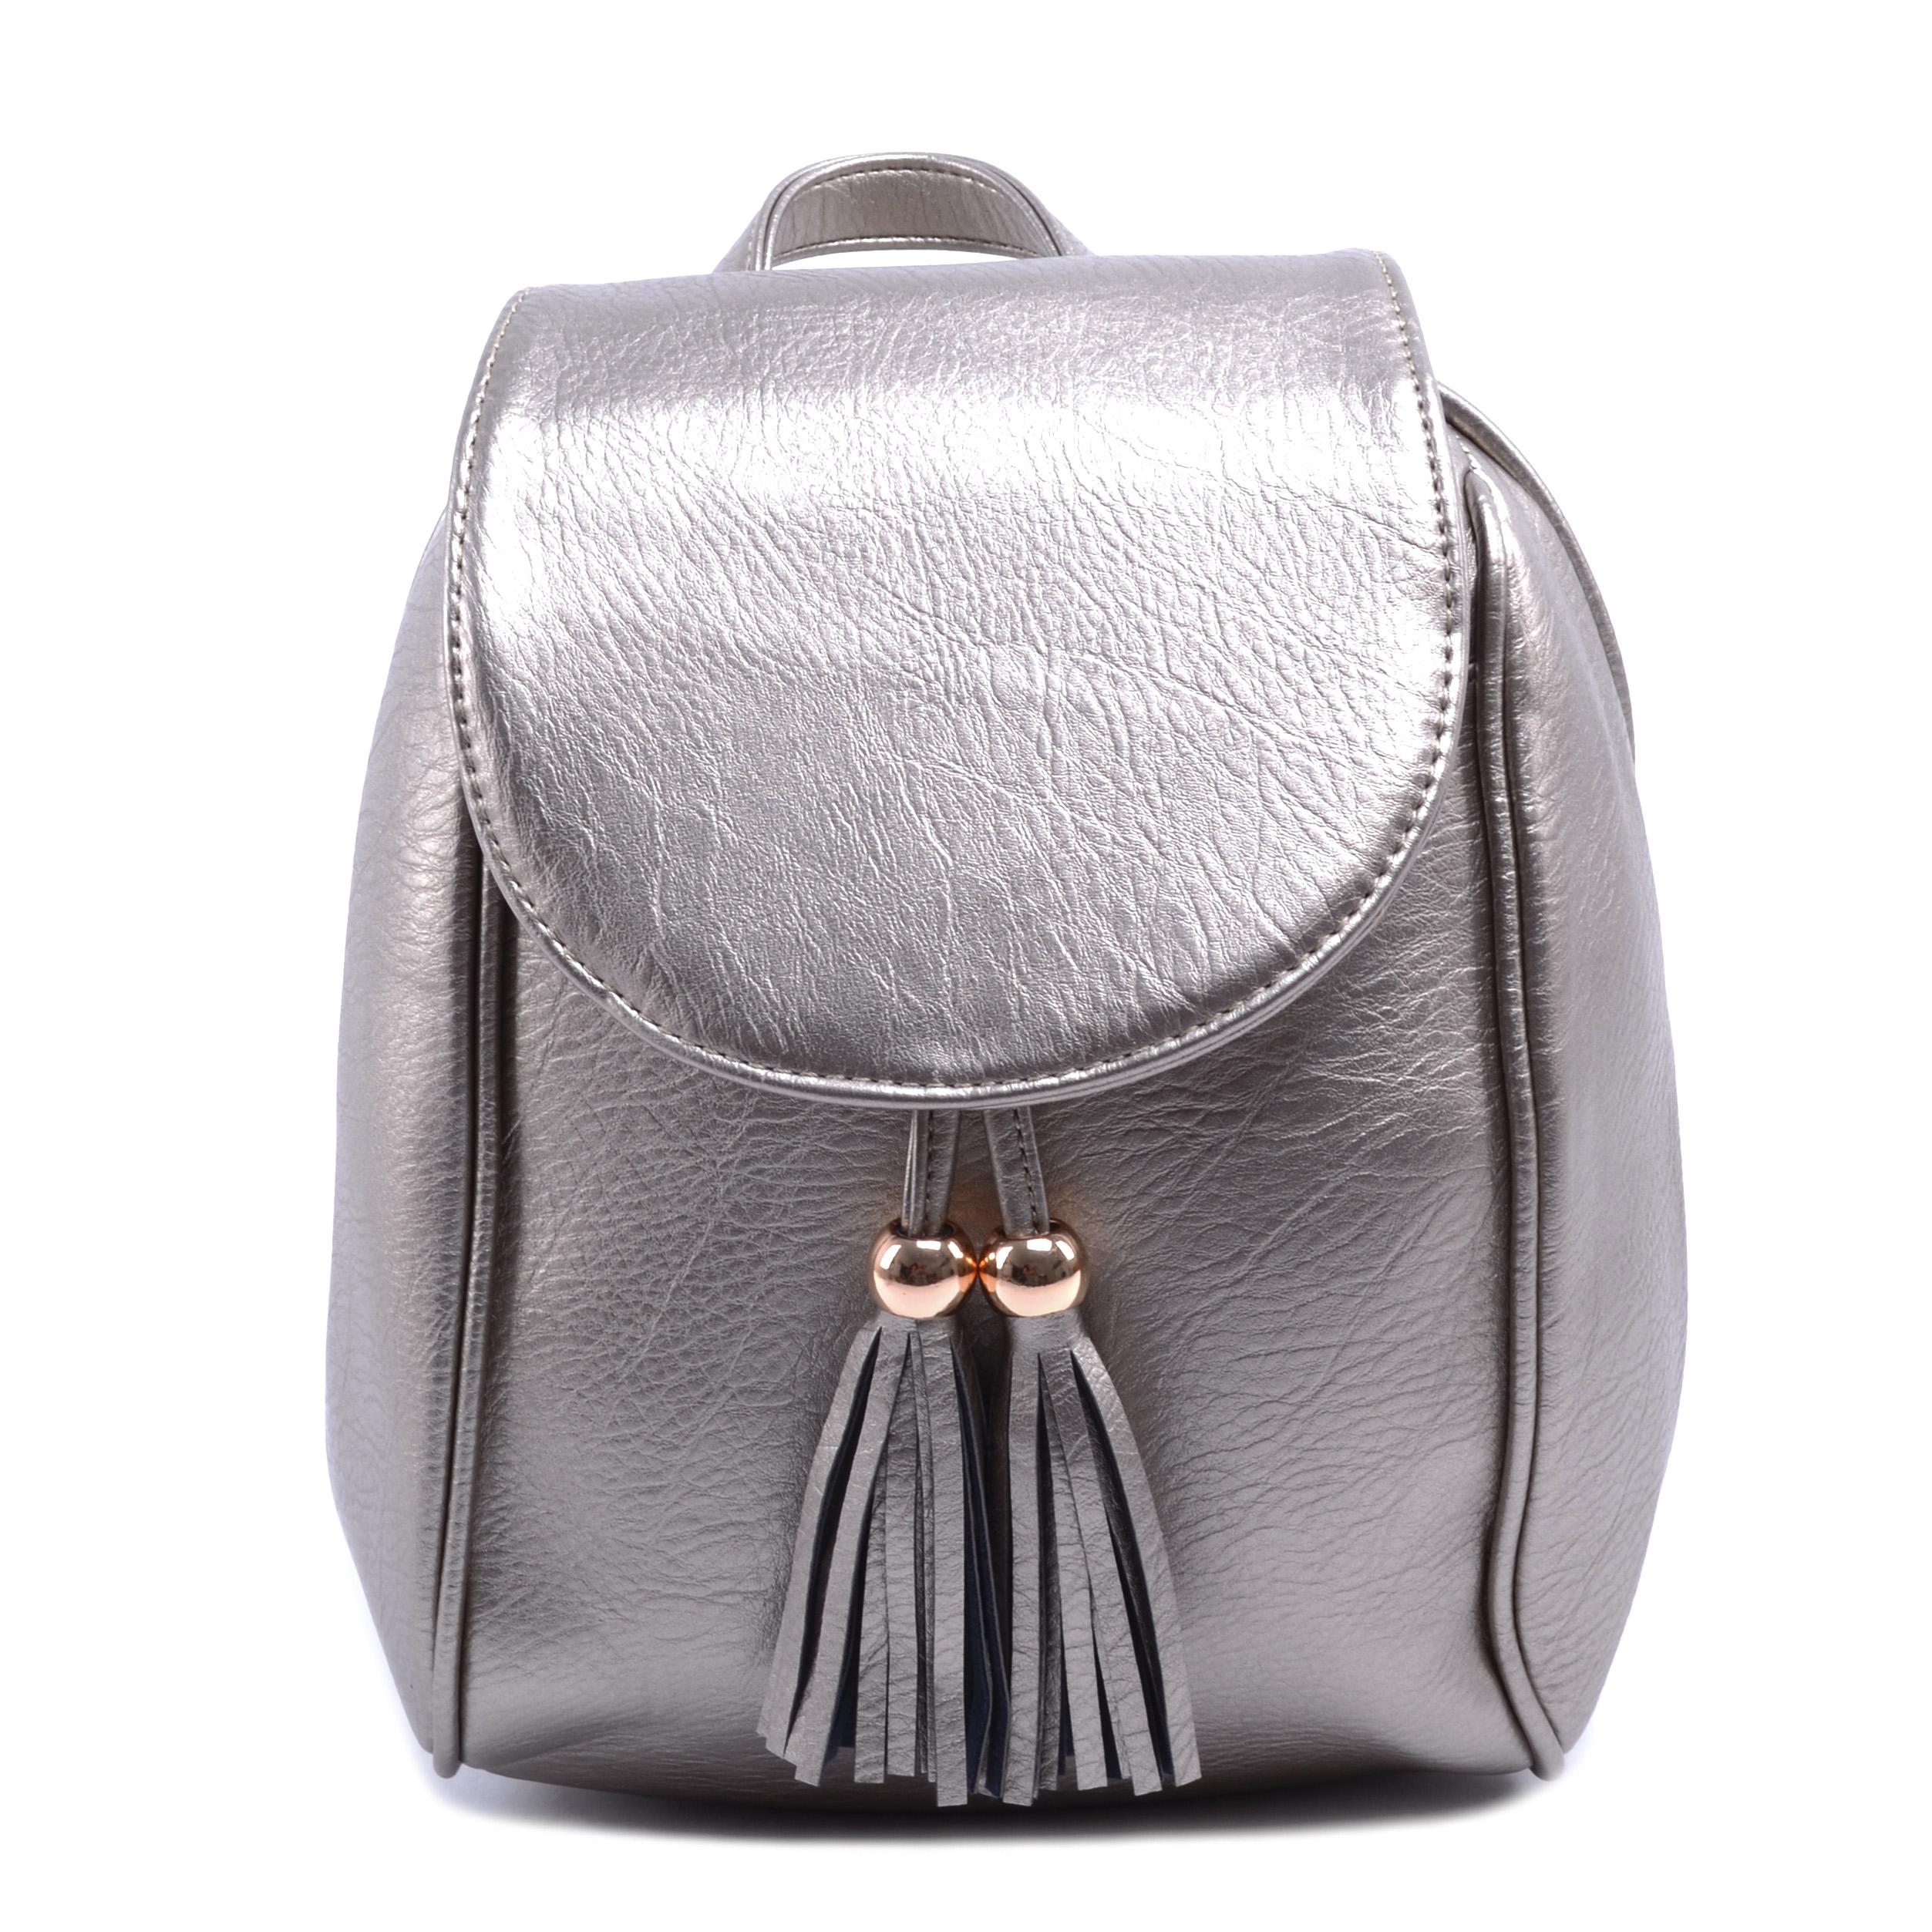 0df930211dc0 SILVIA ROSA Női Műbőr Hátizsák Antik Ezüst - Műbőr - Táska webáruház -  Minőségi táskák mindenkinek